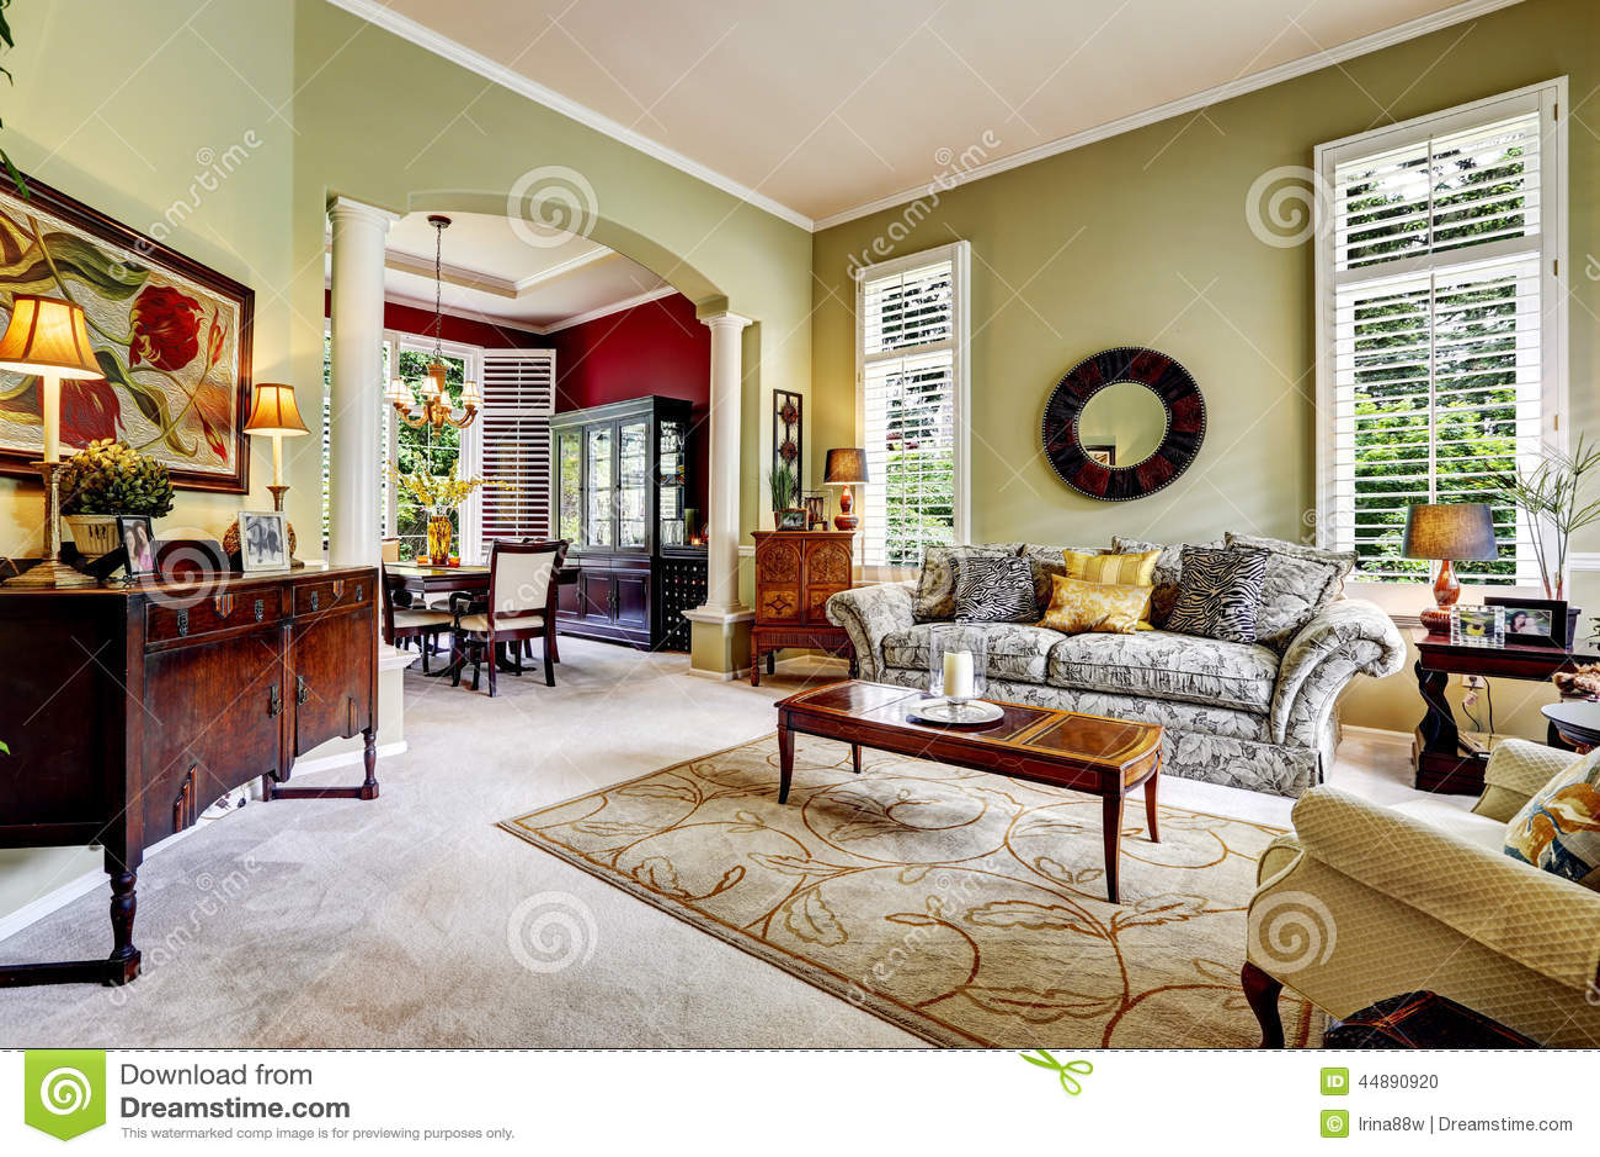 Int rieur de luxe de maison chambre familiale vert clair for Home design interieur